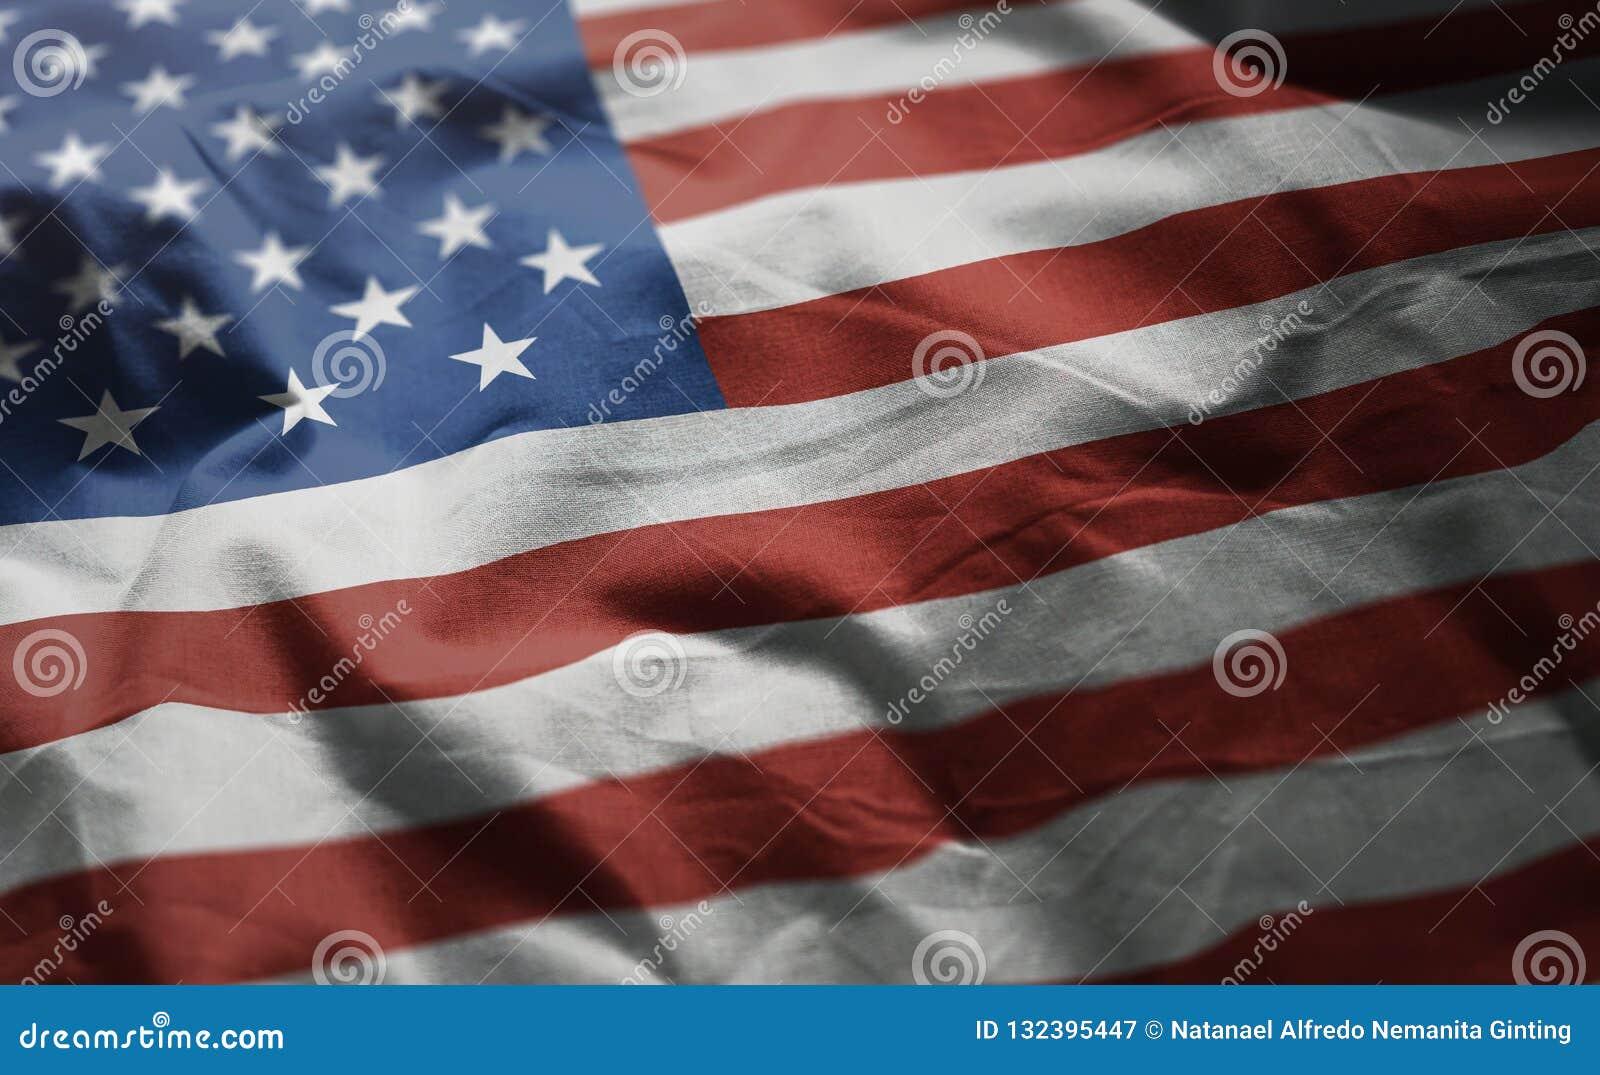 Vlag van de Verenigde Staten van Amerika verfomfaaide dicht omhoog